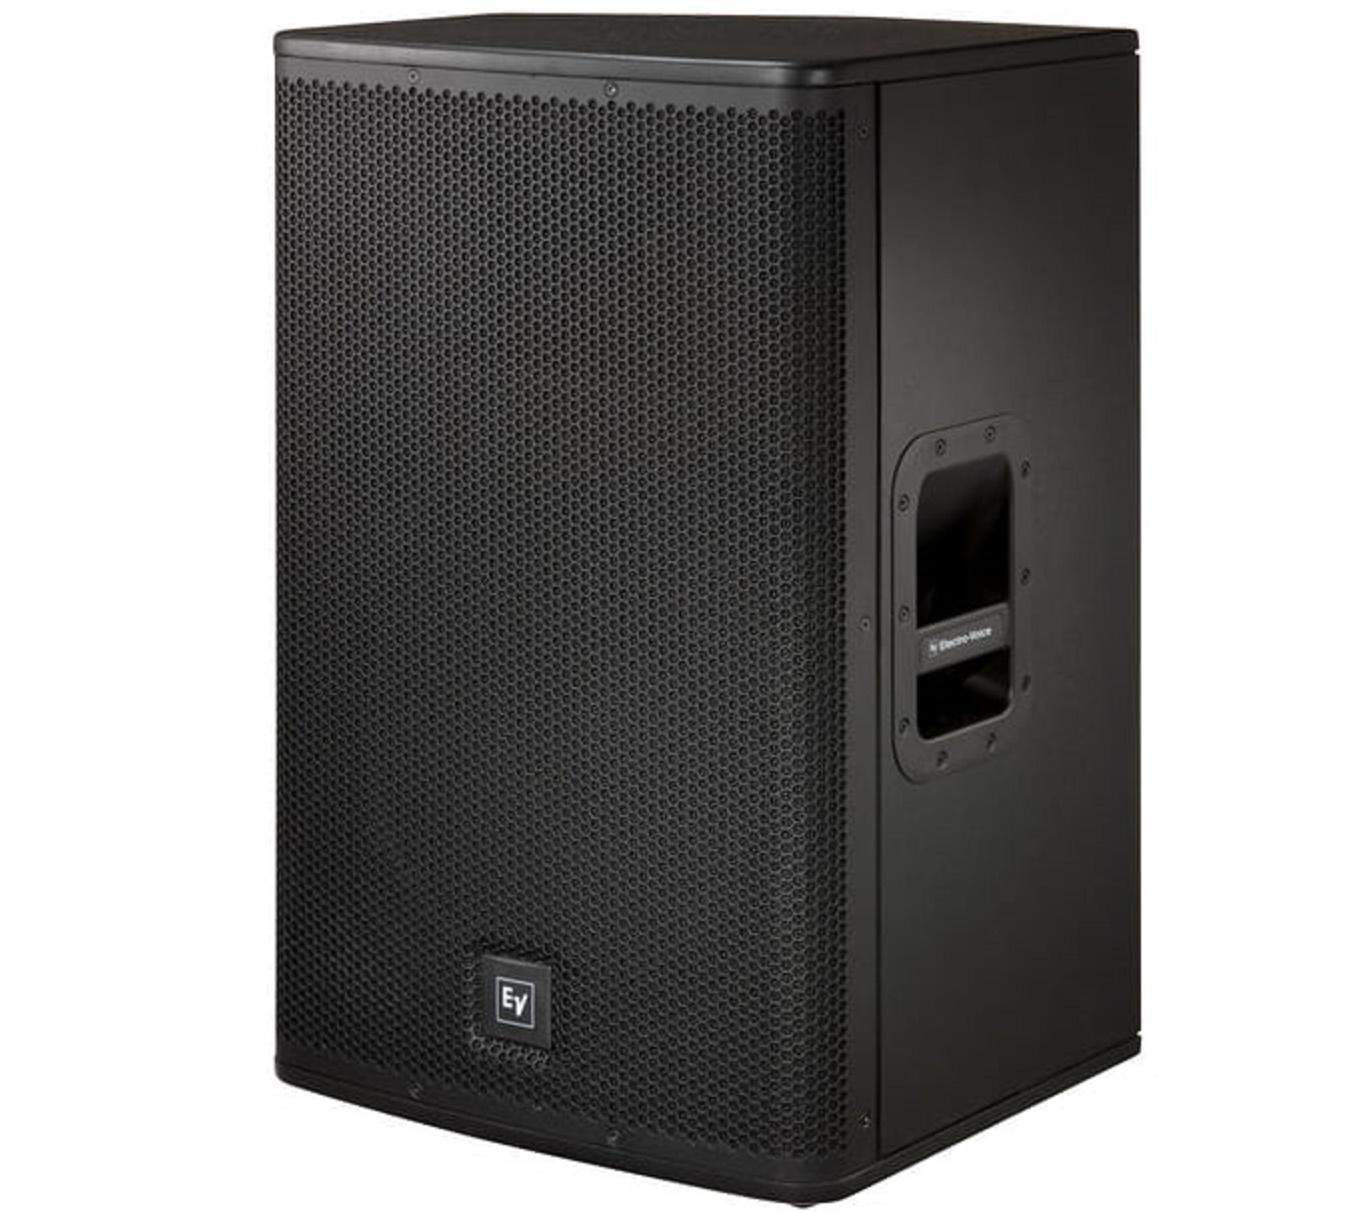 Electro Voice Elx115 Caja Acústica